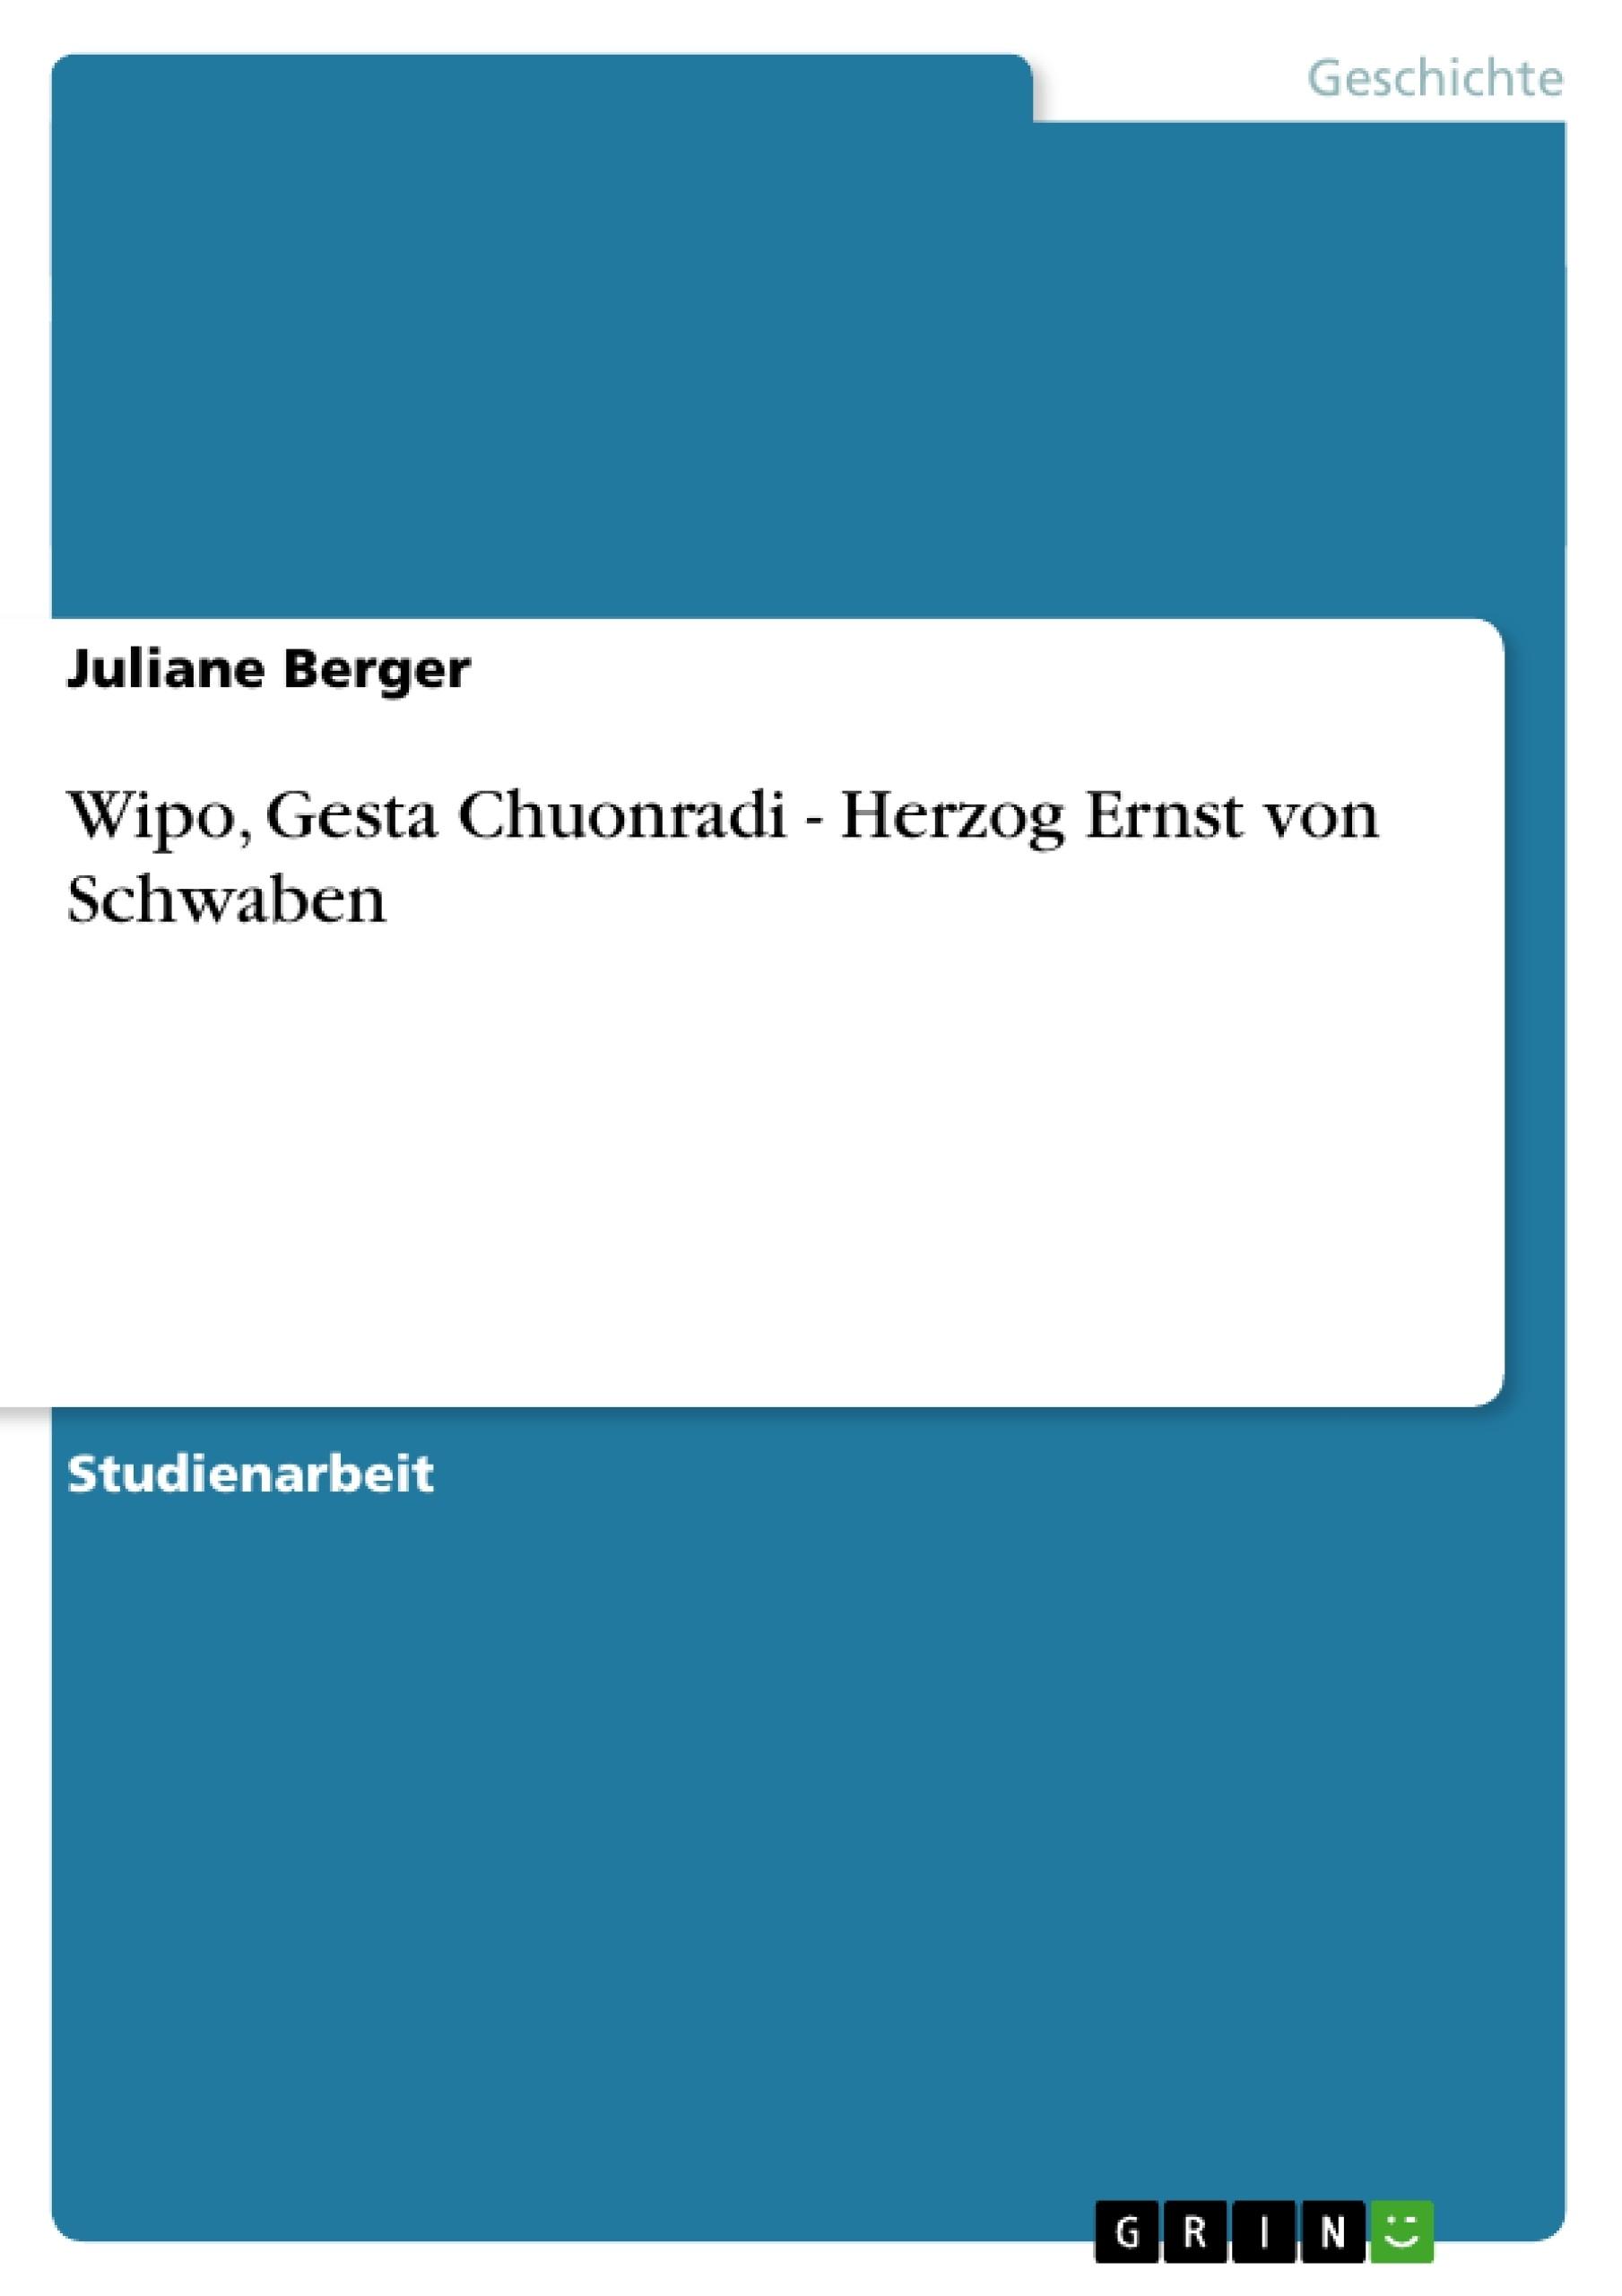 Titel: Wipo, Gesta Chuonradi - Herzog Ernst von Schwaben